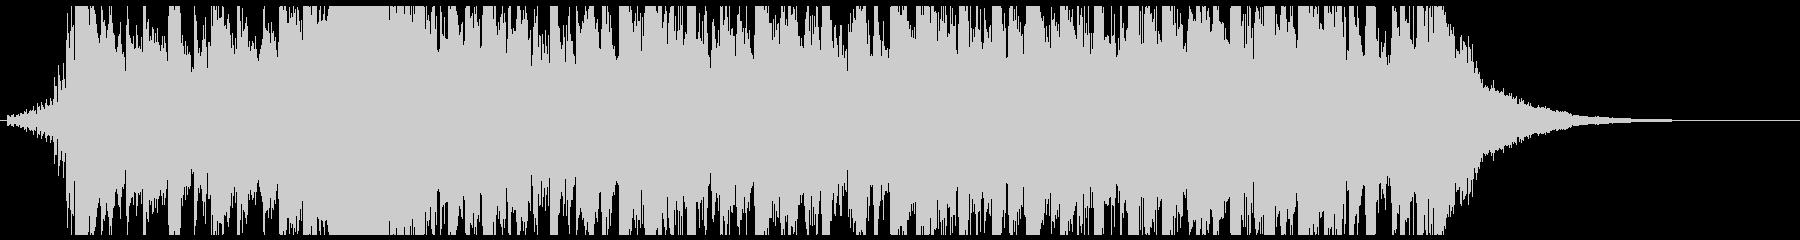 ニュース番組オープニング風BGM(26秒の未再生の波形